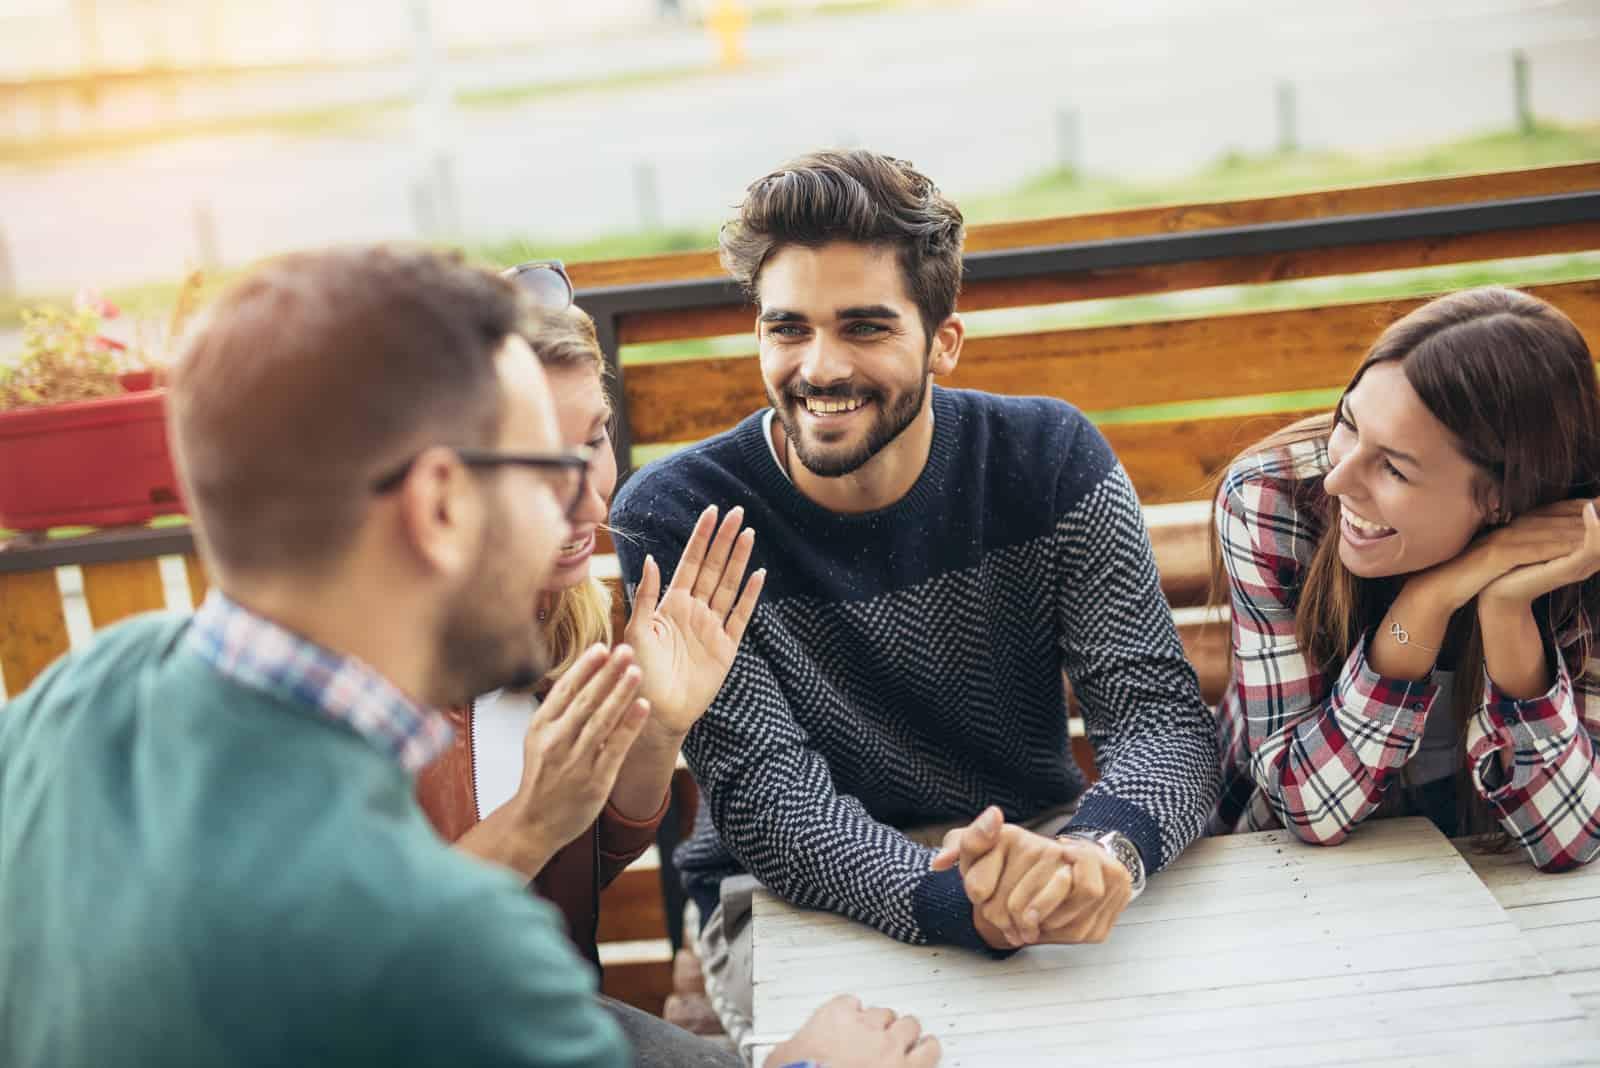 Freunde sitzen draußen an einem Tisch und unterhalten sich